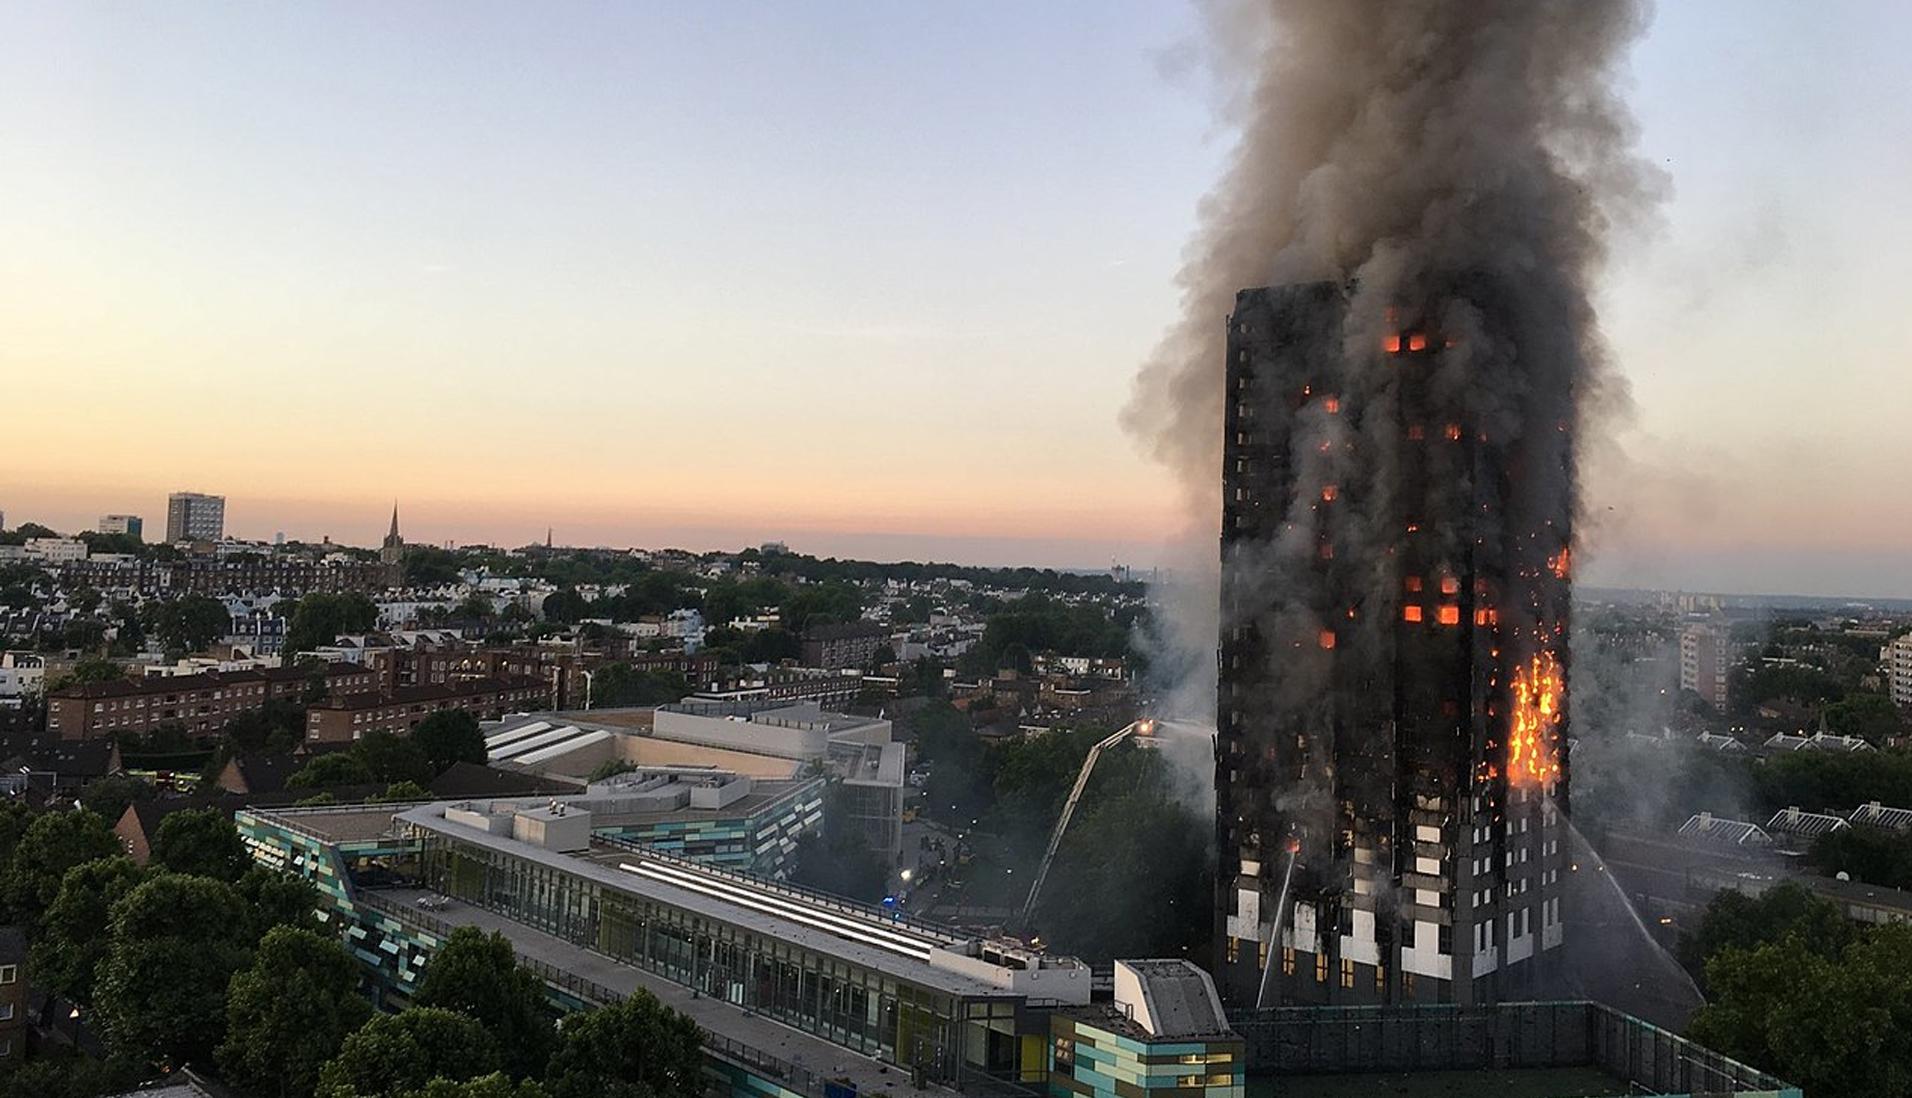 The Grenfell Tower Blaze was the UK's deadliest since World War II.